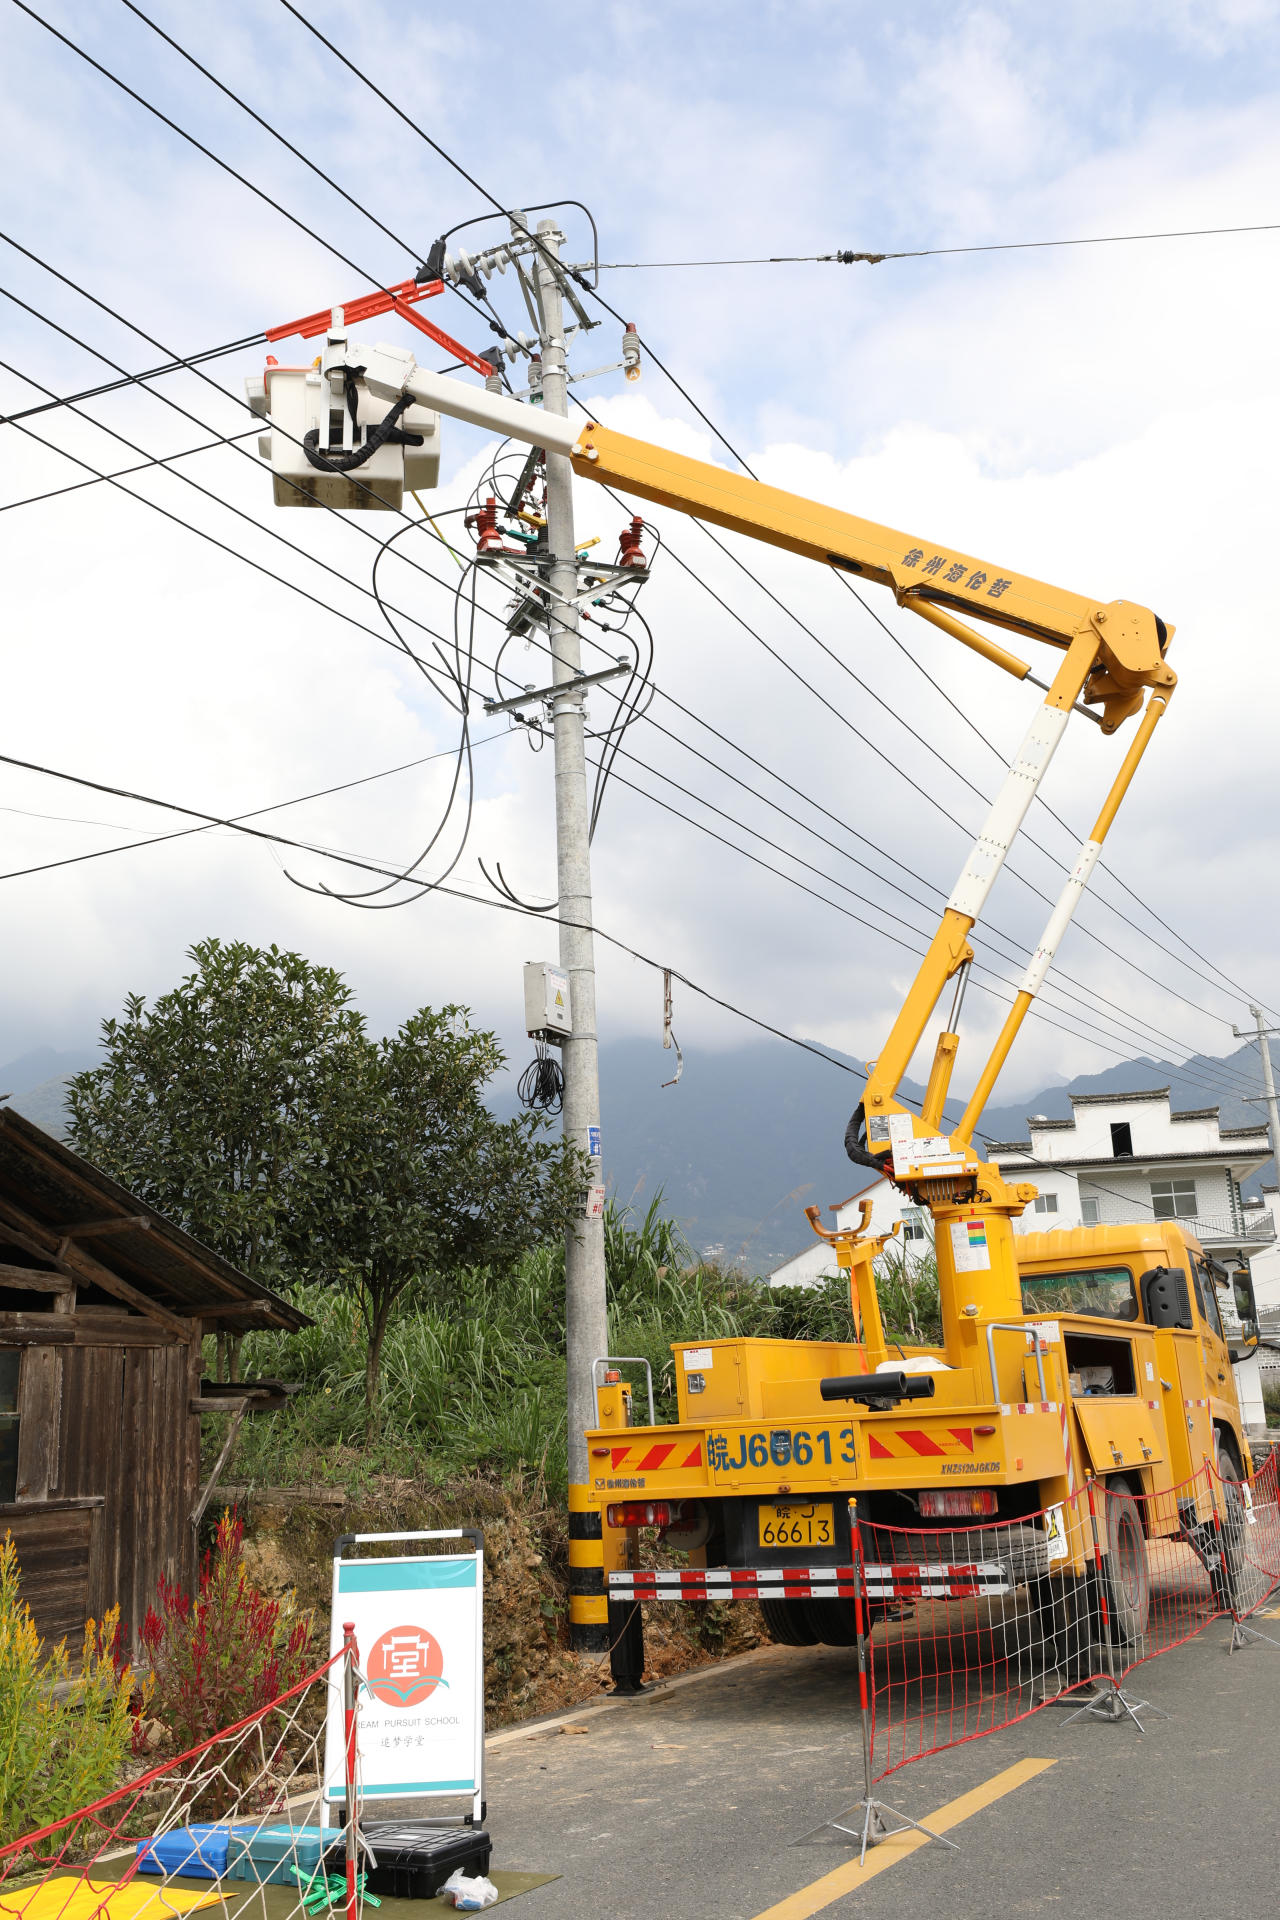 祁门在全省率先开展原水电供区大面积停电应急演练